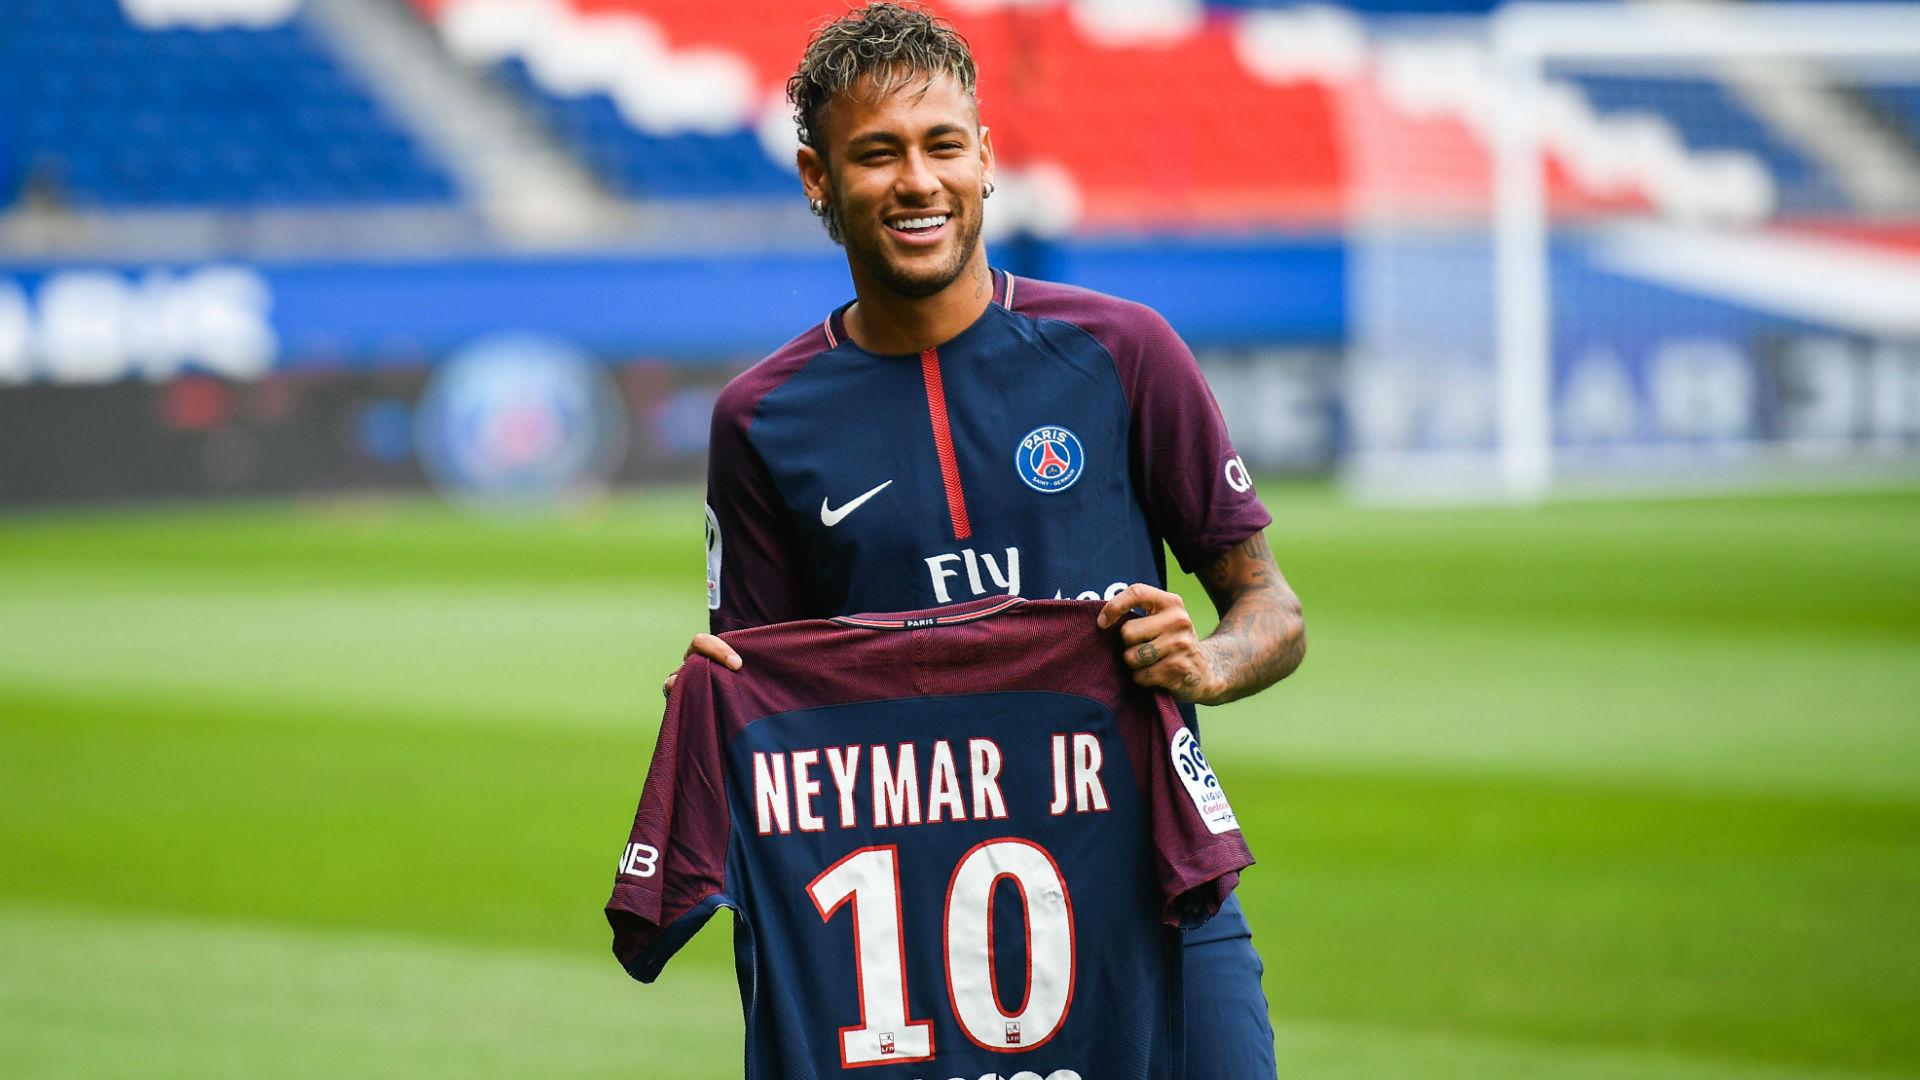 'Siêu bom tấn' Neymar lỡ trận mở màn Ligue 1